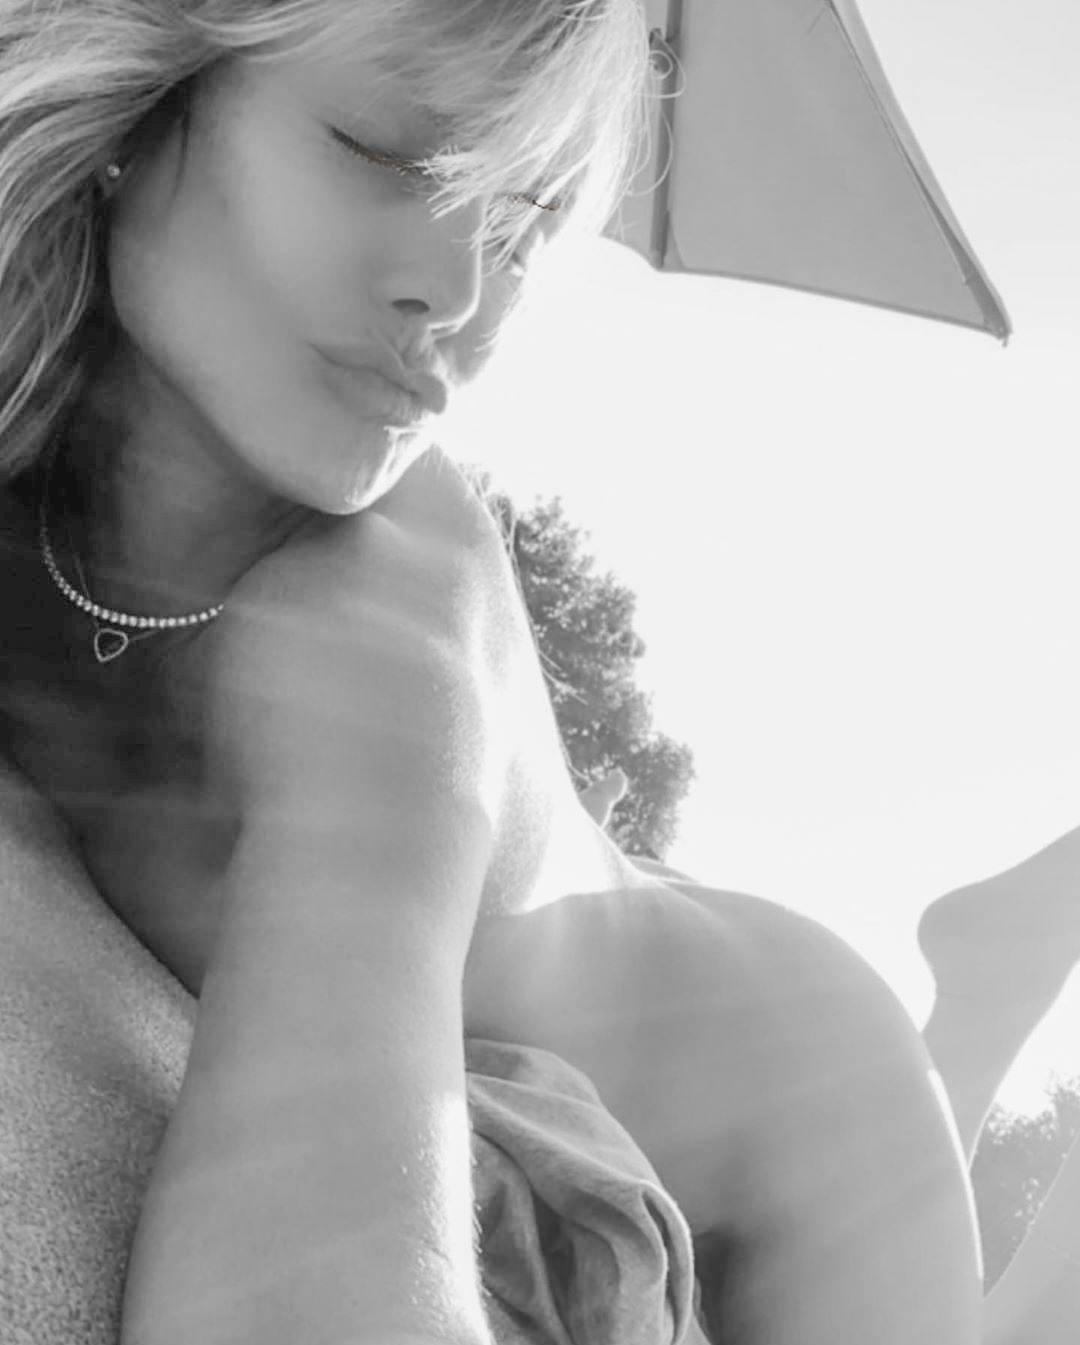 Heidi Klum Naked Selfies